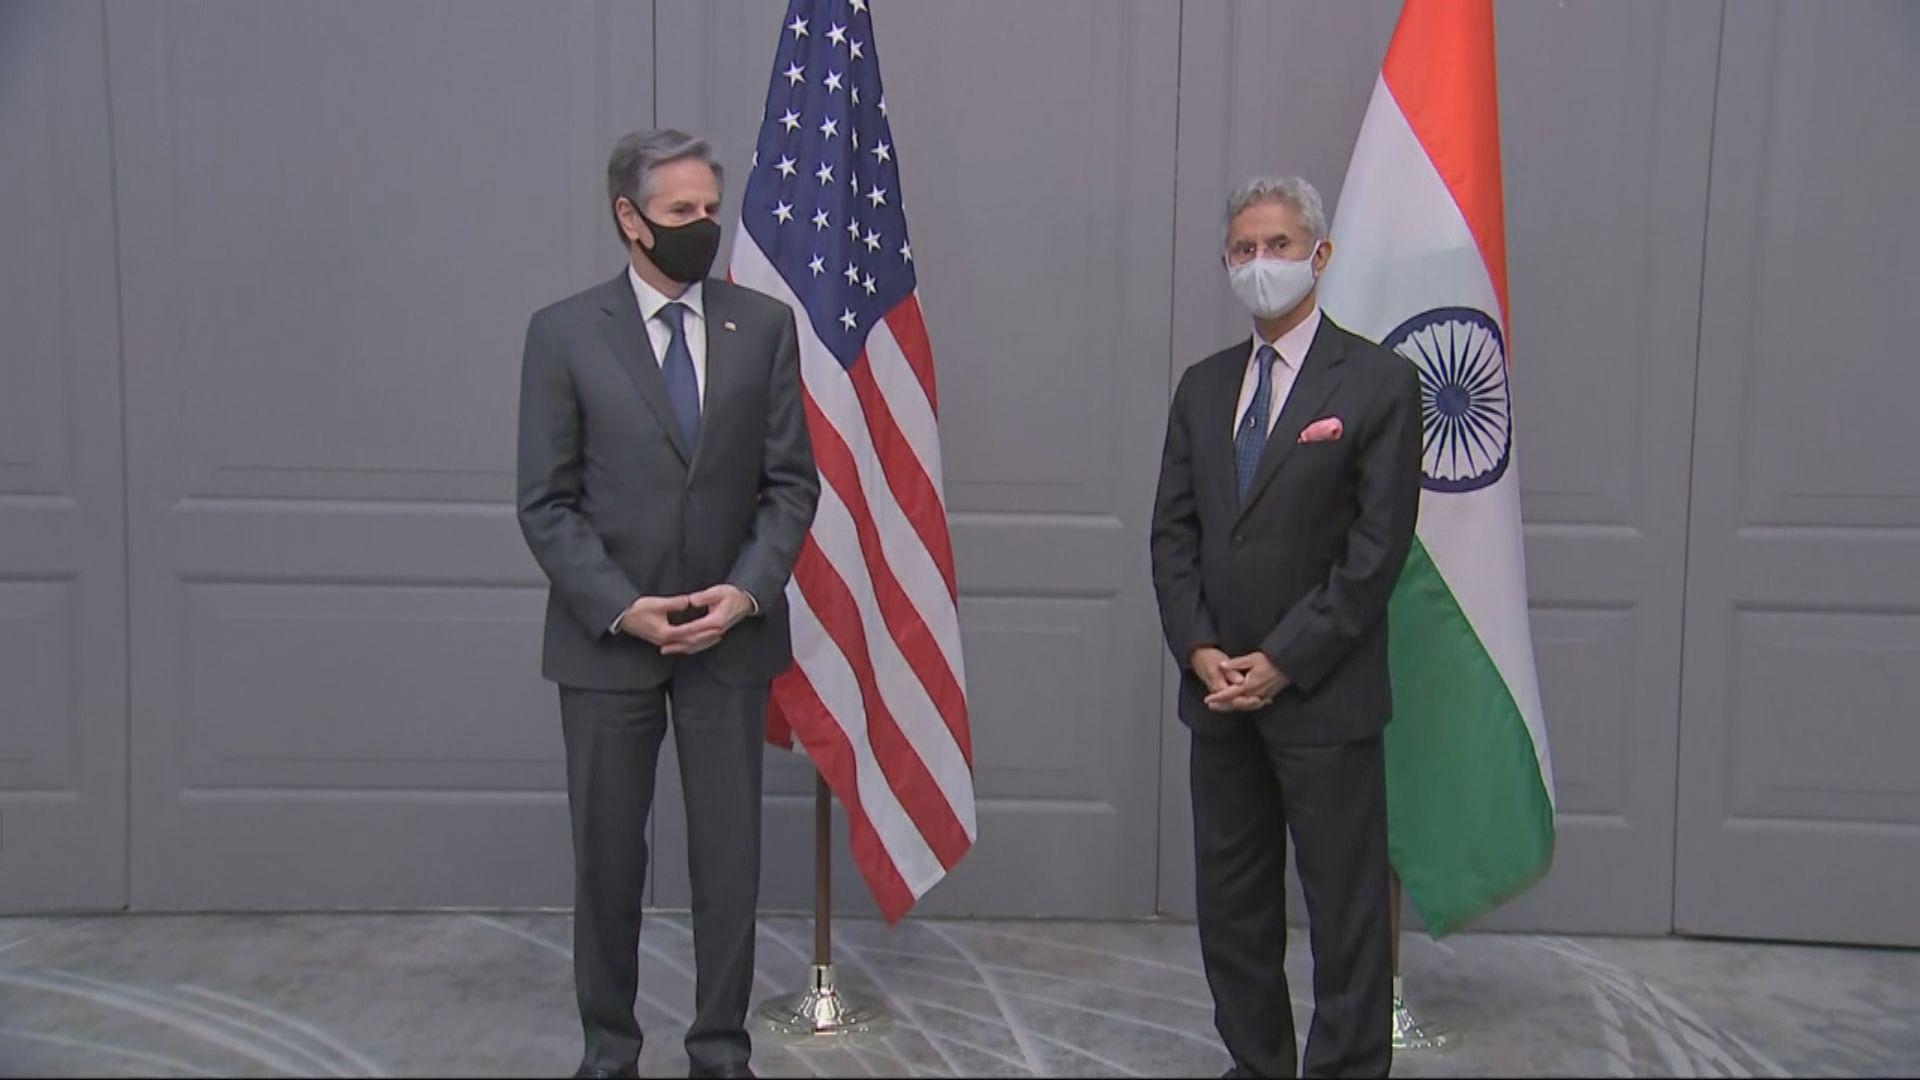 七國外長英國開會 印度代表團兩成員確診新冠病毒